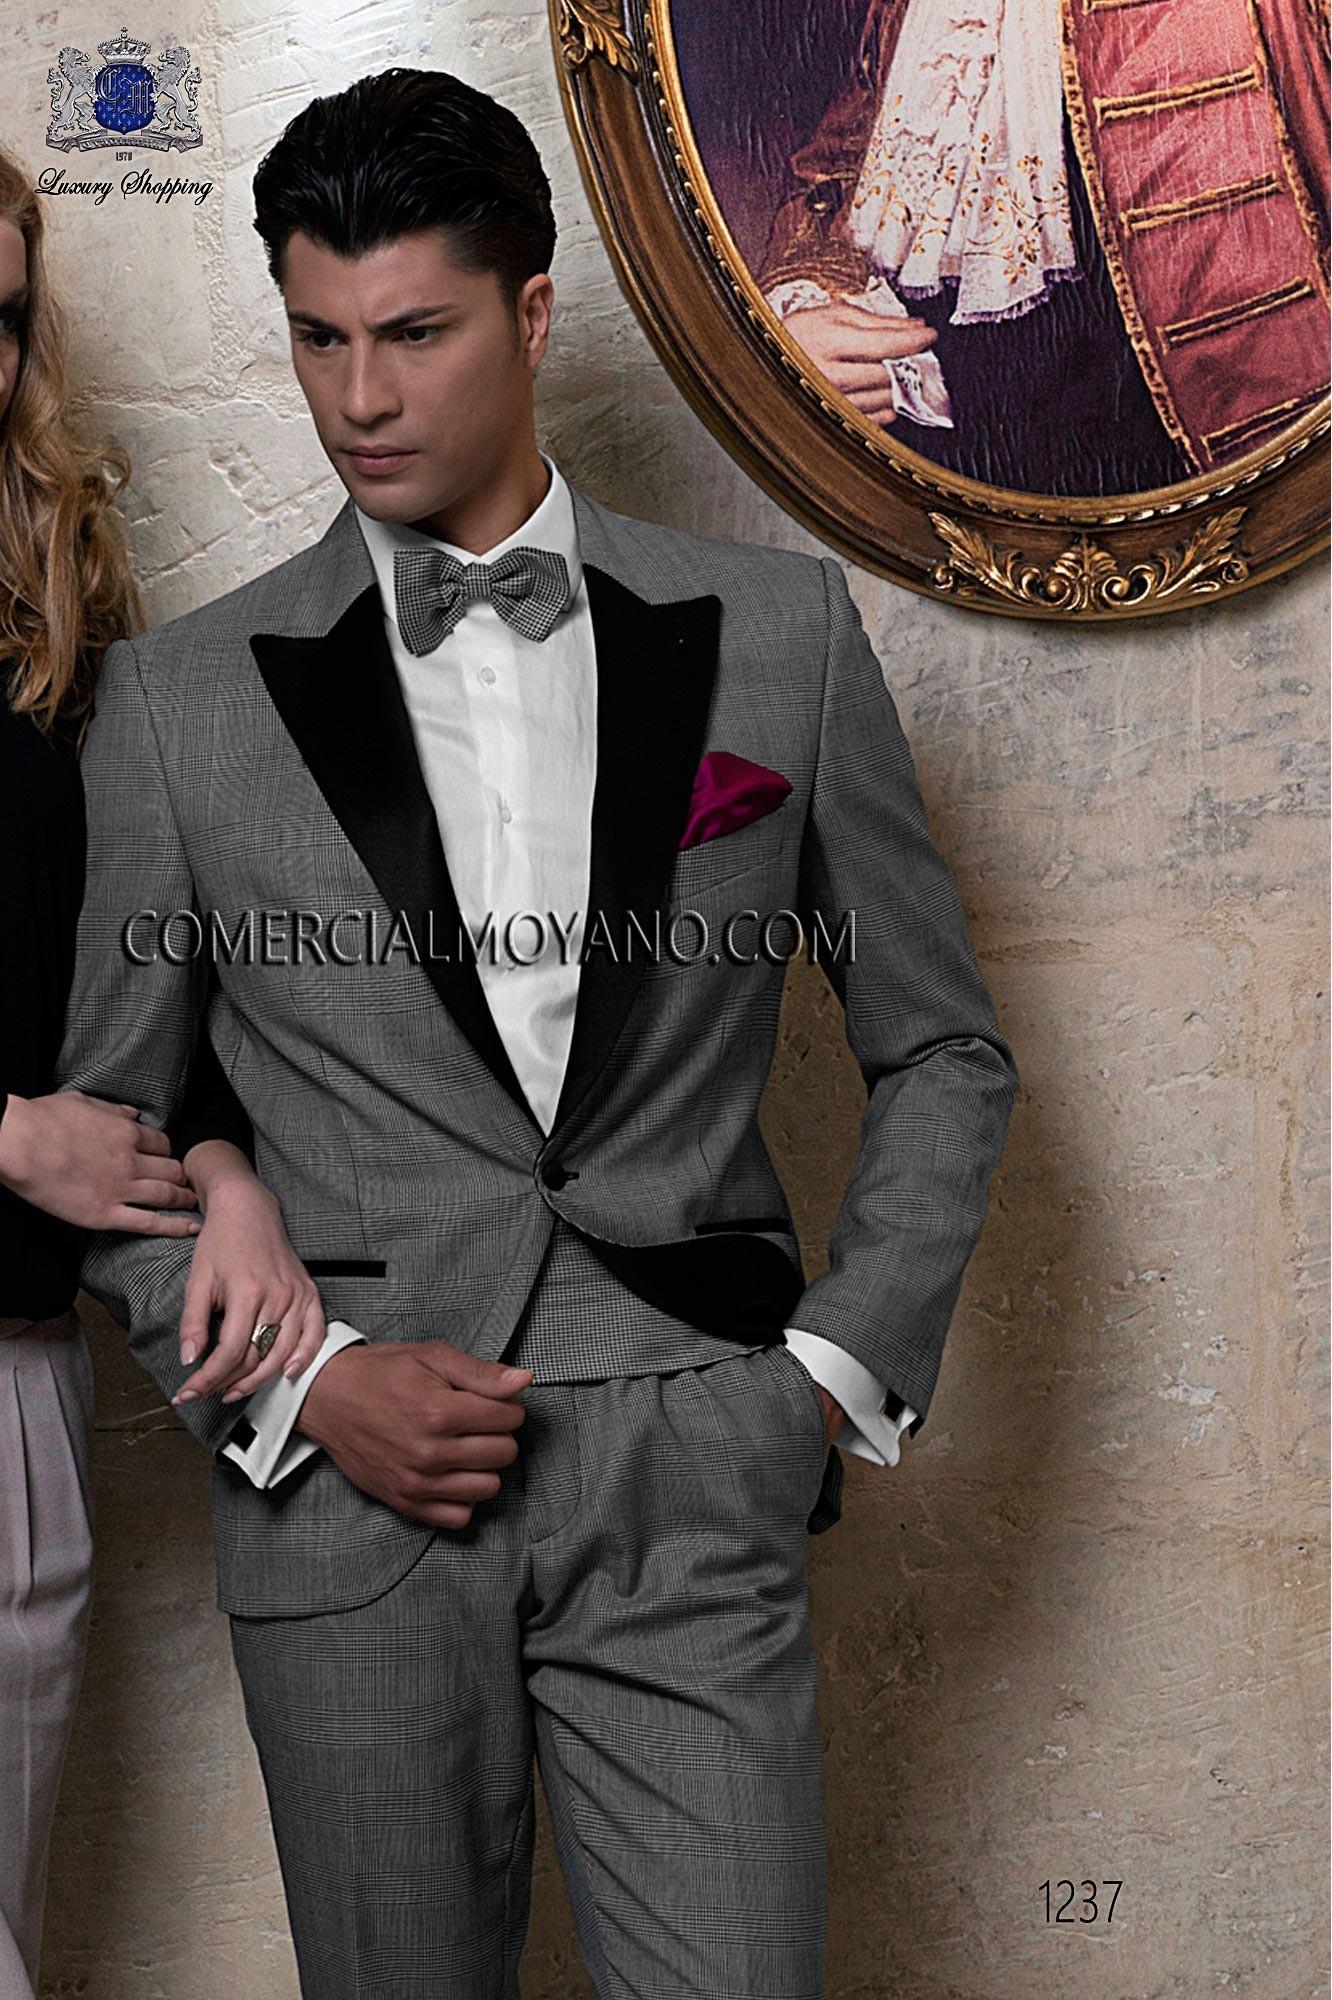 Traje BlackTie de novio gales gris modelo: 1237 Ottavio Nuccio Gala colección Black Tie